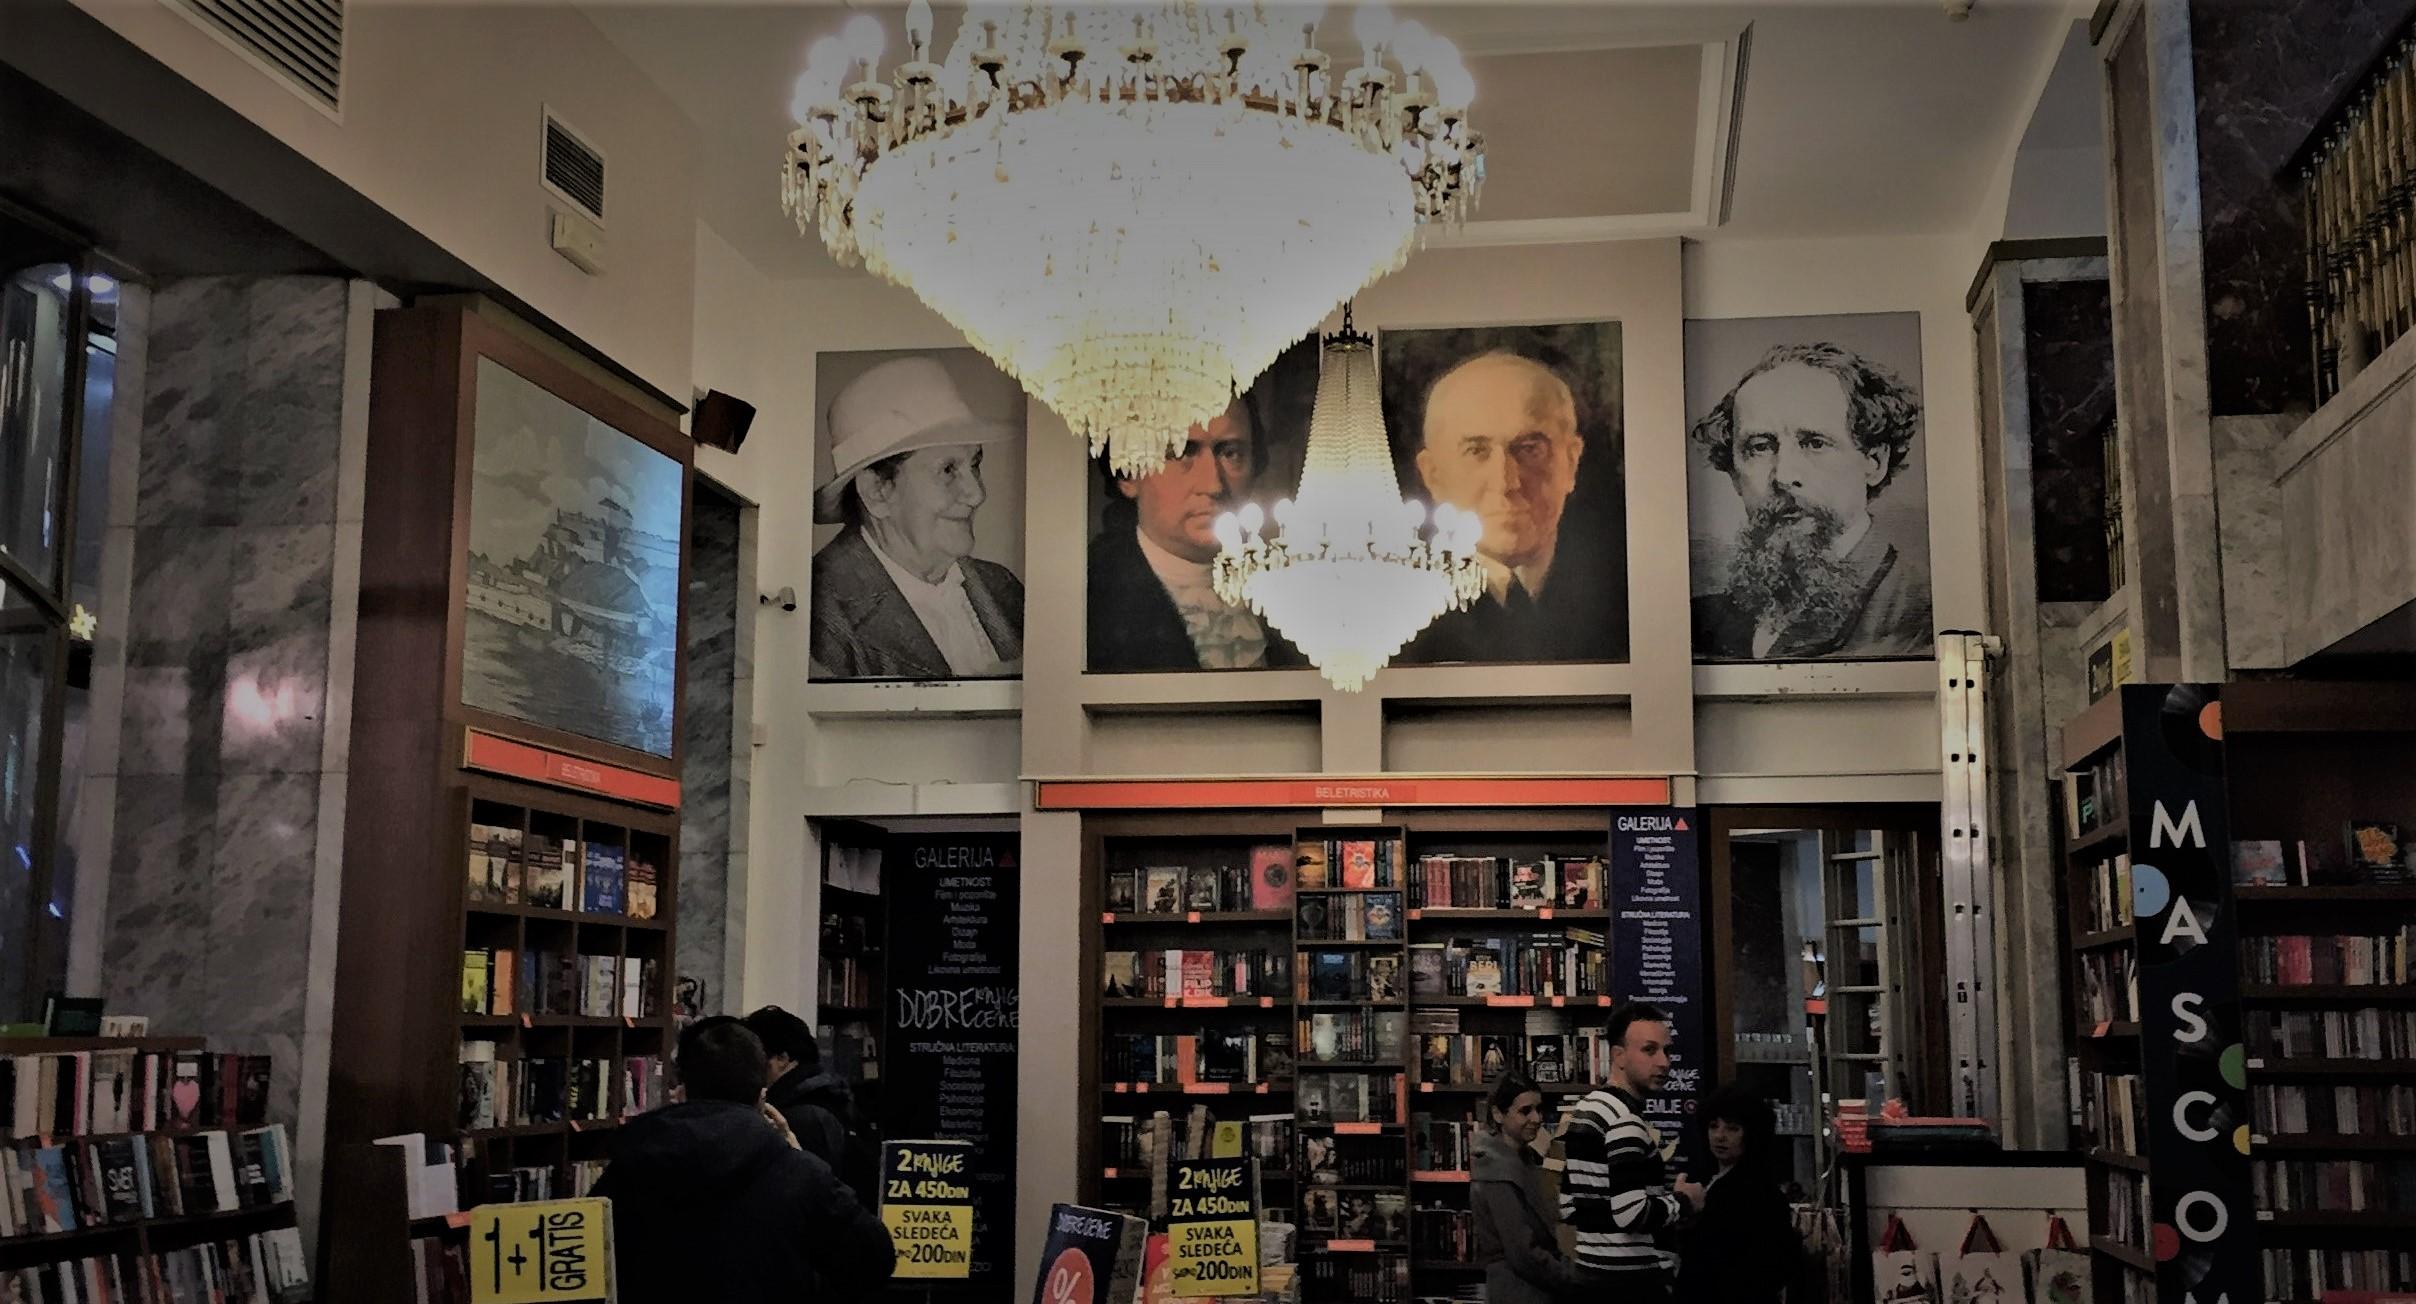 Prächtige Buchhandlung in der Altstadt von Belgrad.